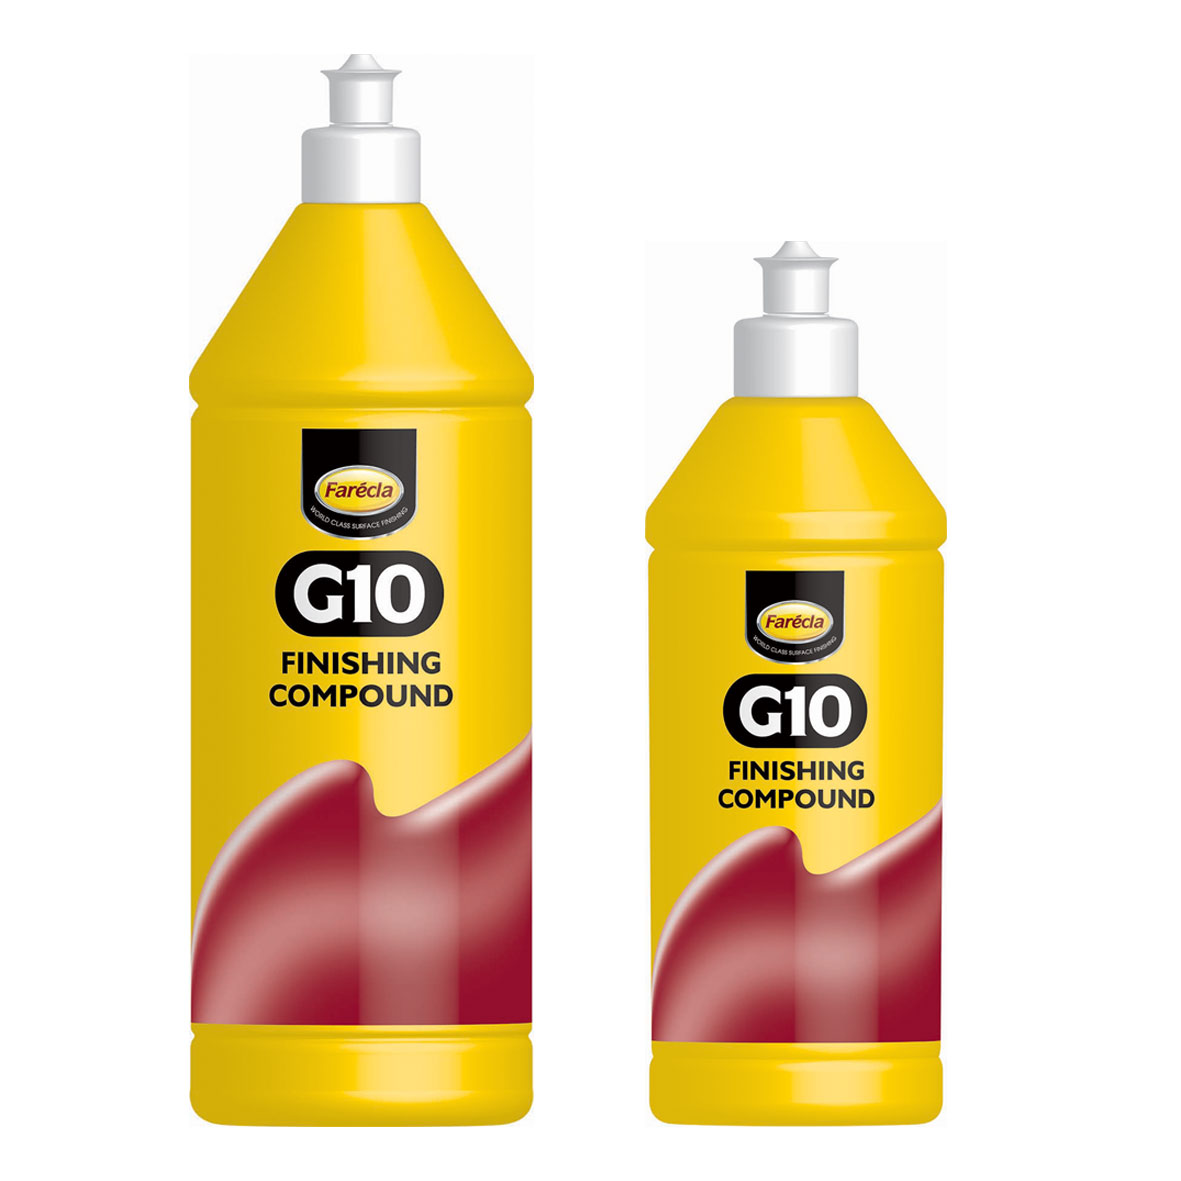 G10 Finishing Compound